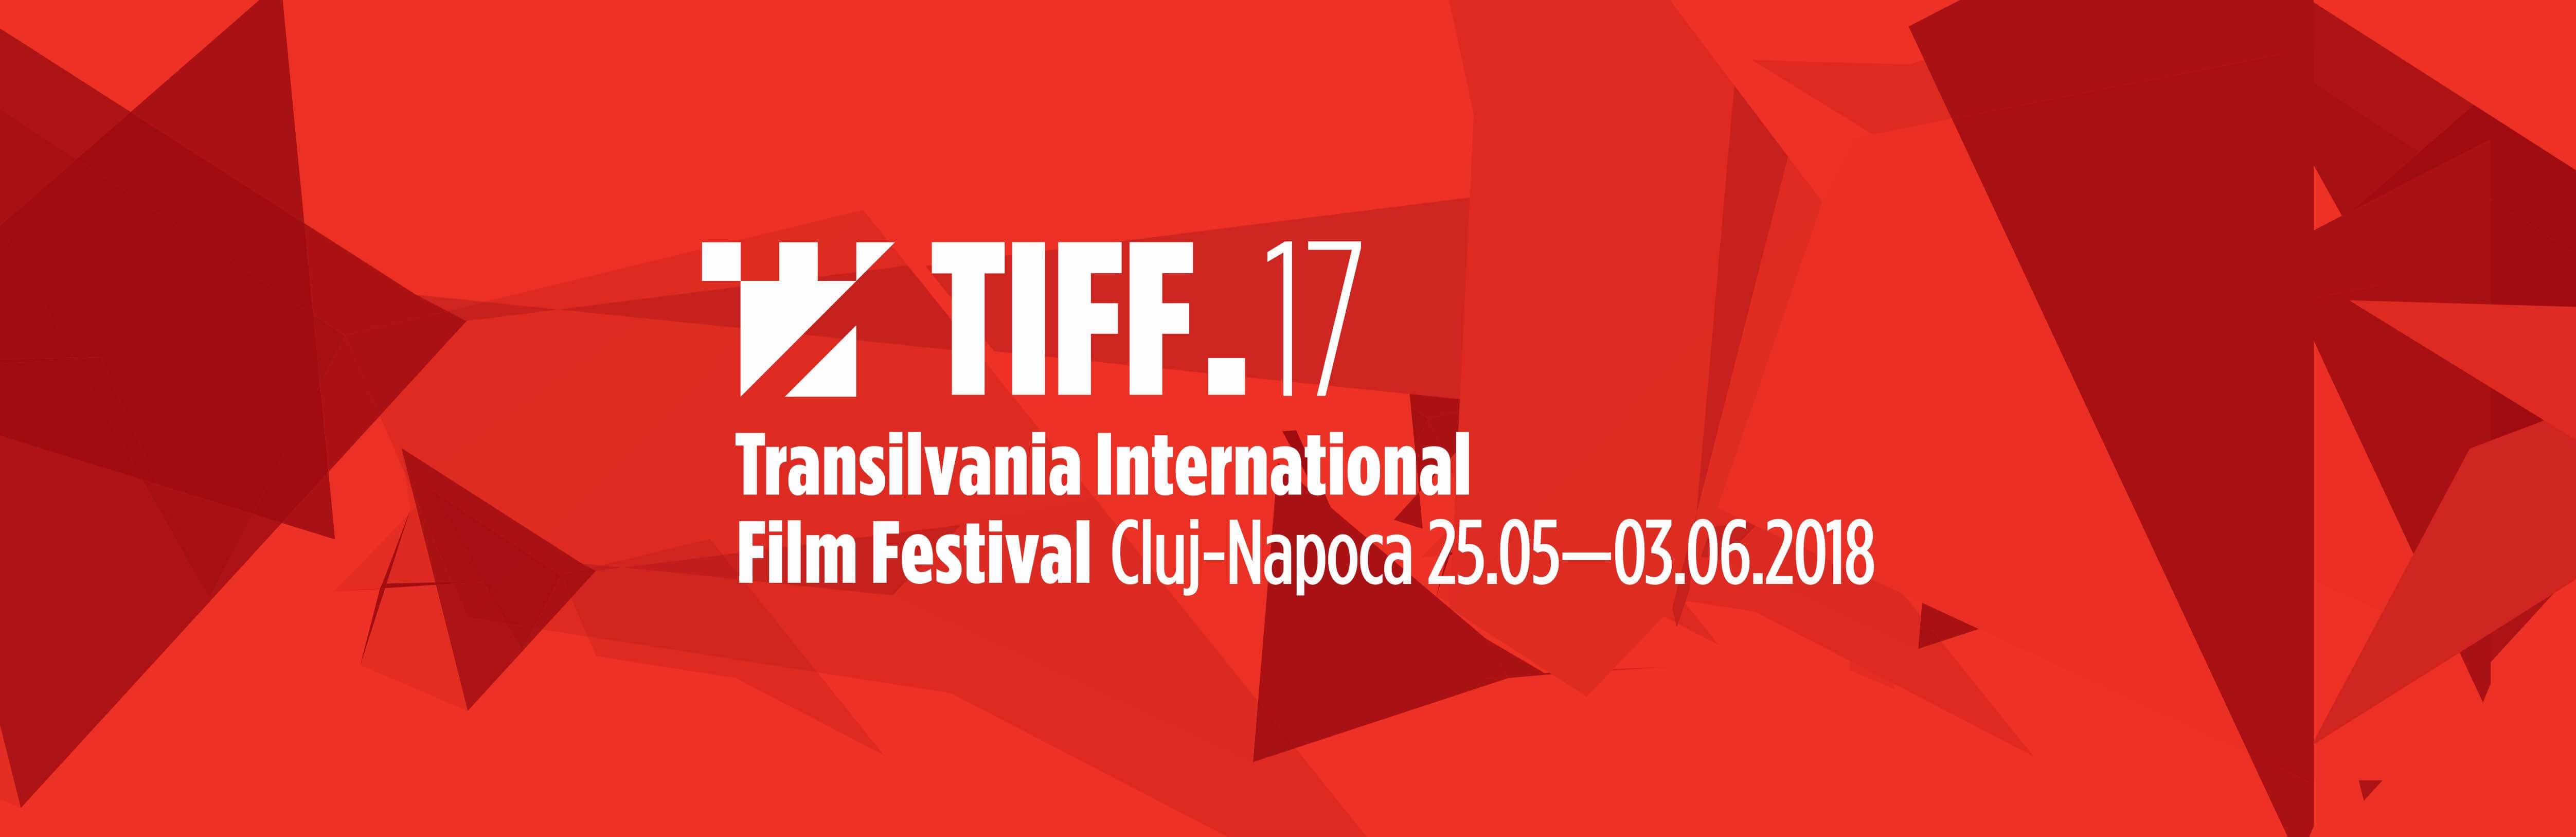 TIFF.17